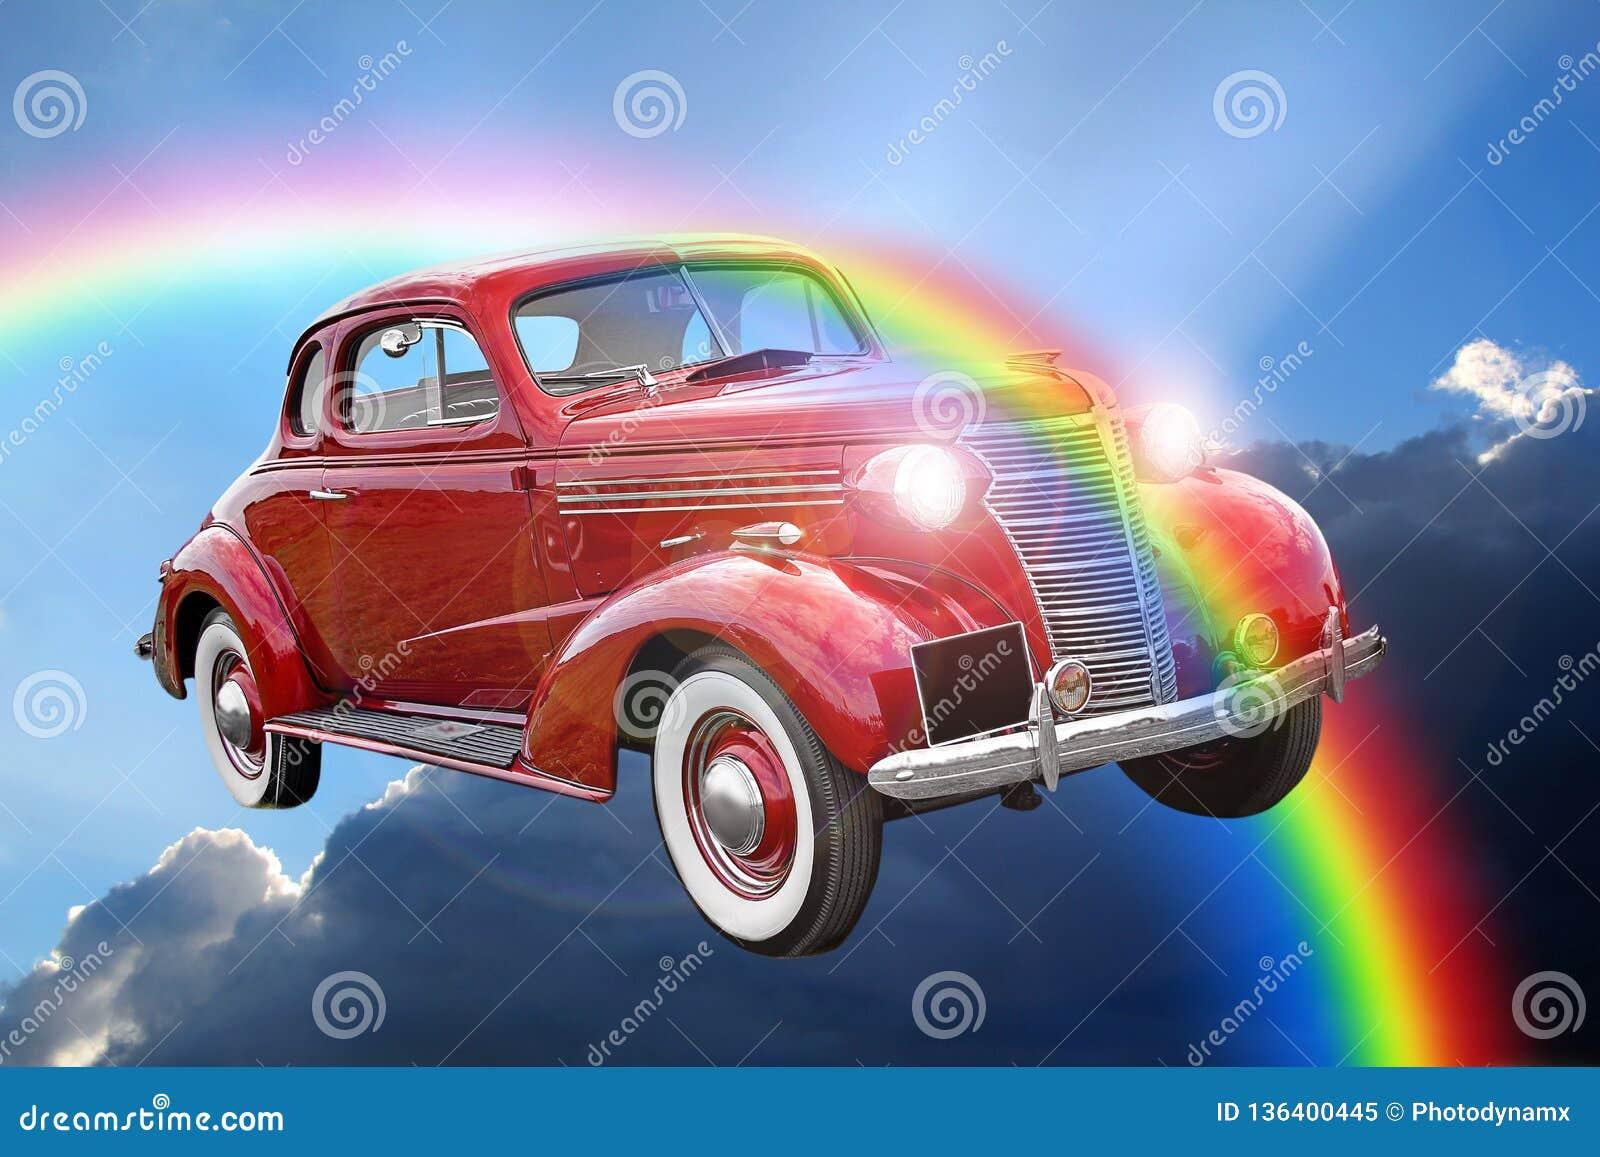 Rit van de fantasie de uitstekende klassieke auto door regenboogwolken